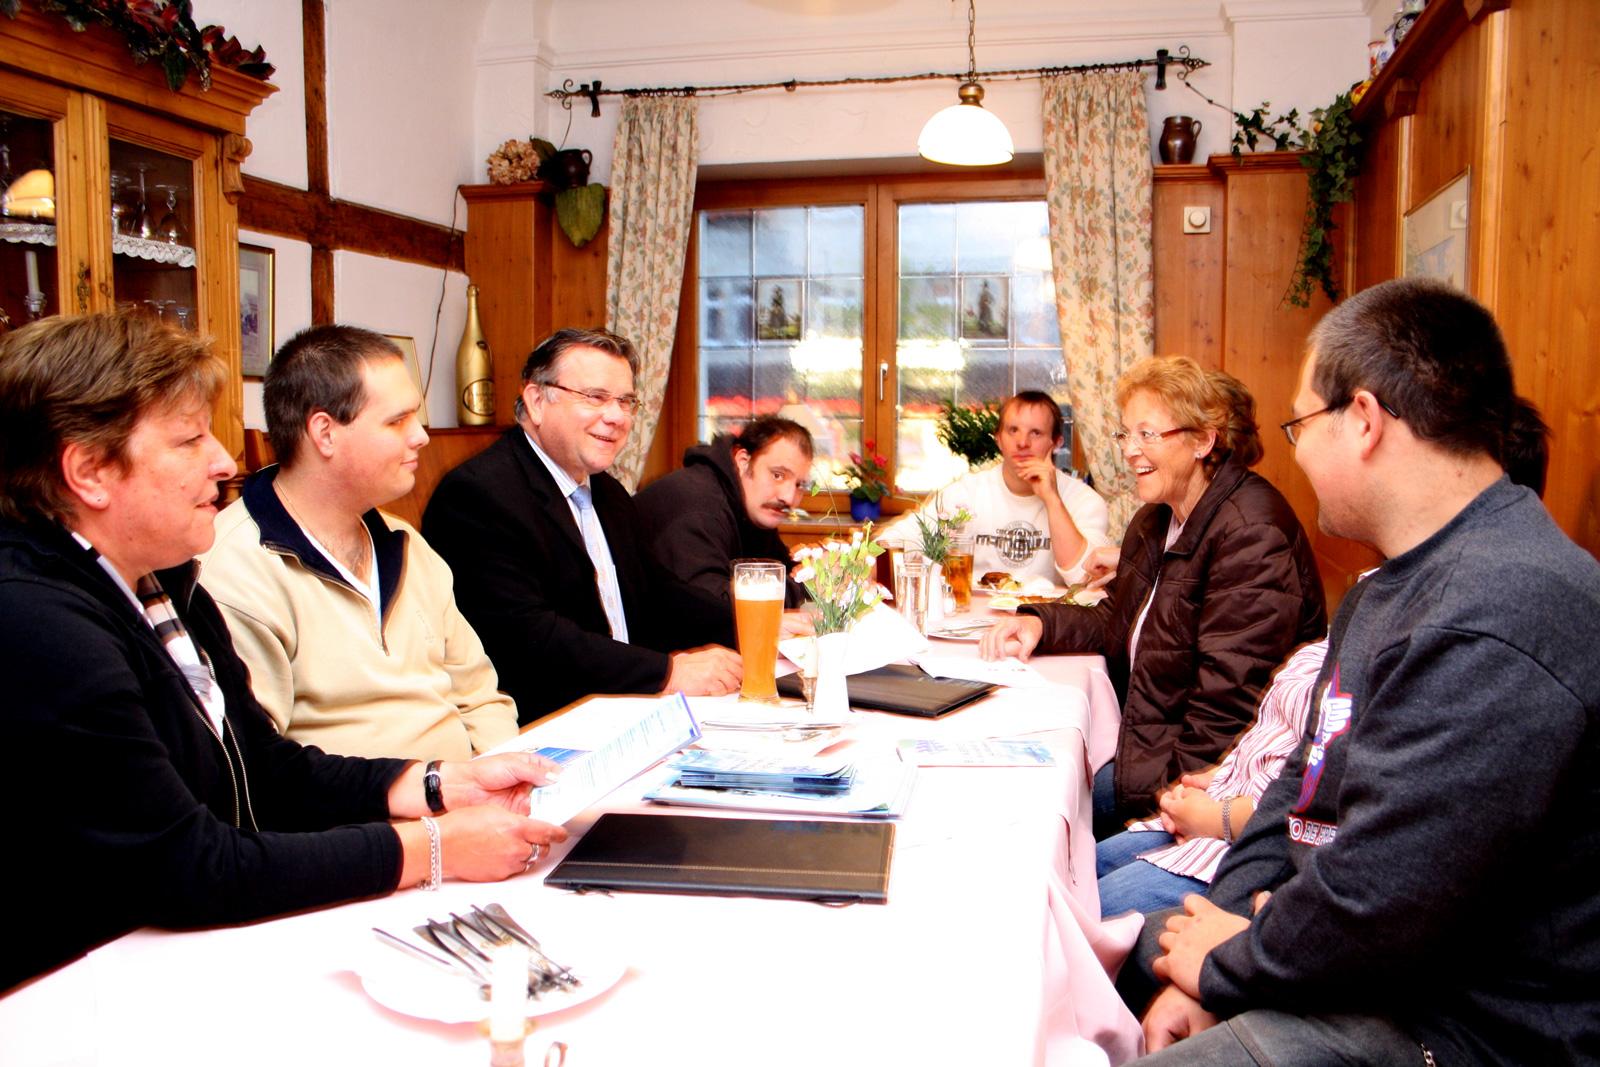 http://www.lebenshilfe-nbg-land.de/arbeiten-und-foerdern/moritzberg-werkstaetten/aktuelles/neuer-elternbeirat.html